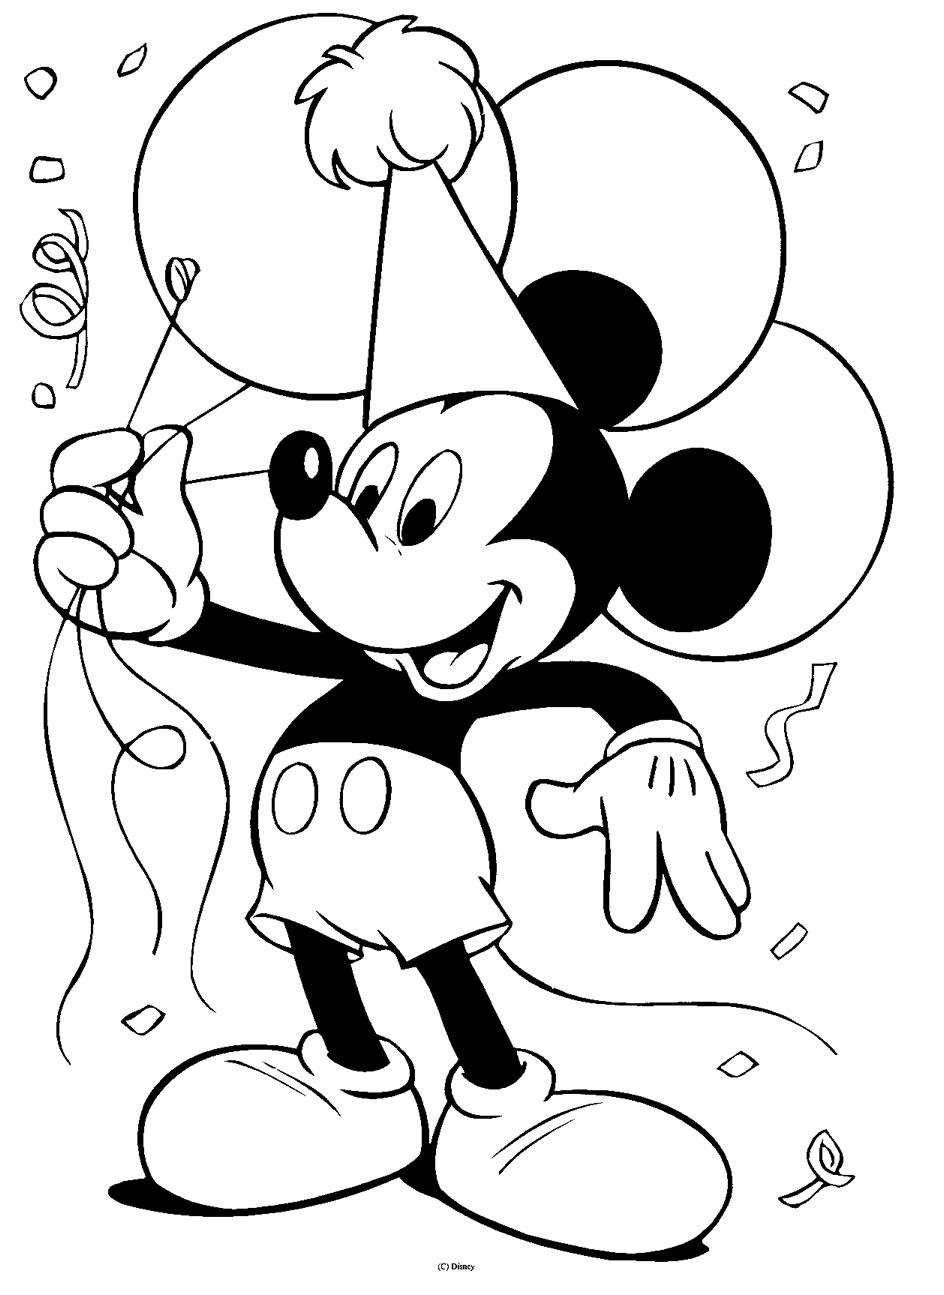 Coloriage Fille Anniversaire.Coloriage Joyeux Anniversaire Mickey Coloriages Mickey